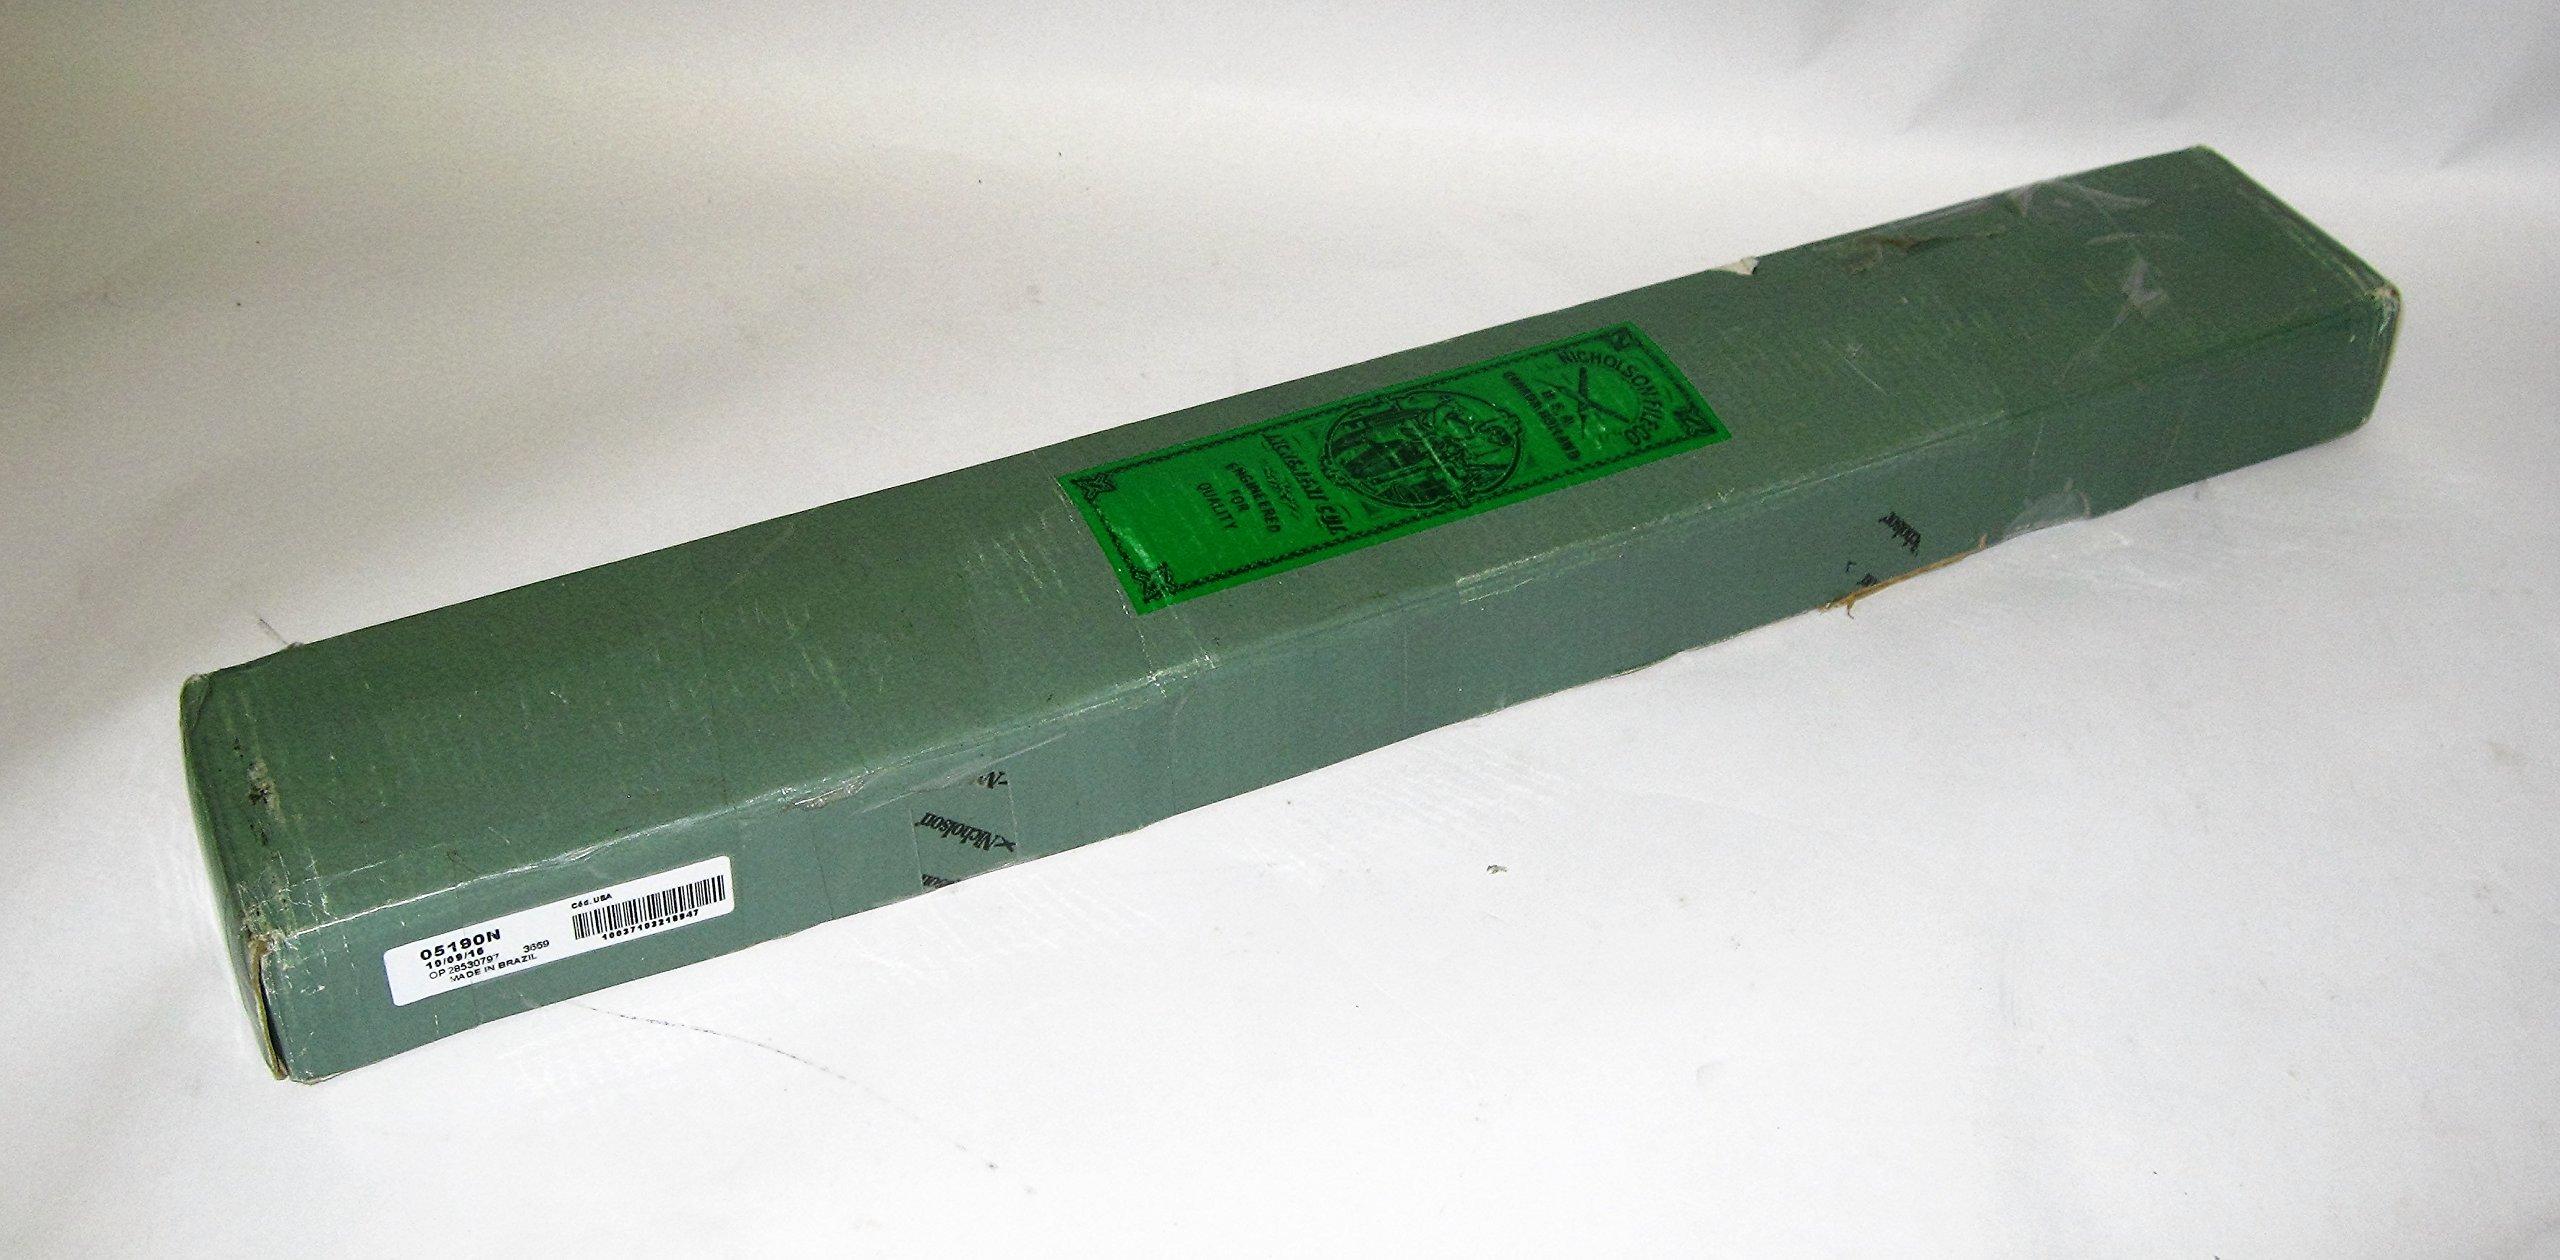 (6-pack) Boxed Nicholson 14'' Half Round Pipeliner File 05190N 6C692